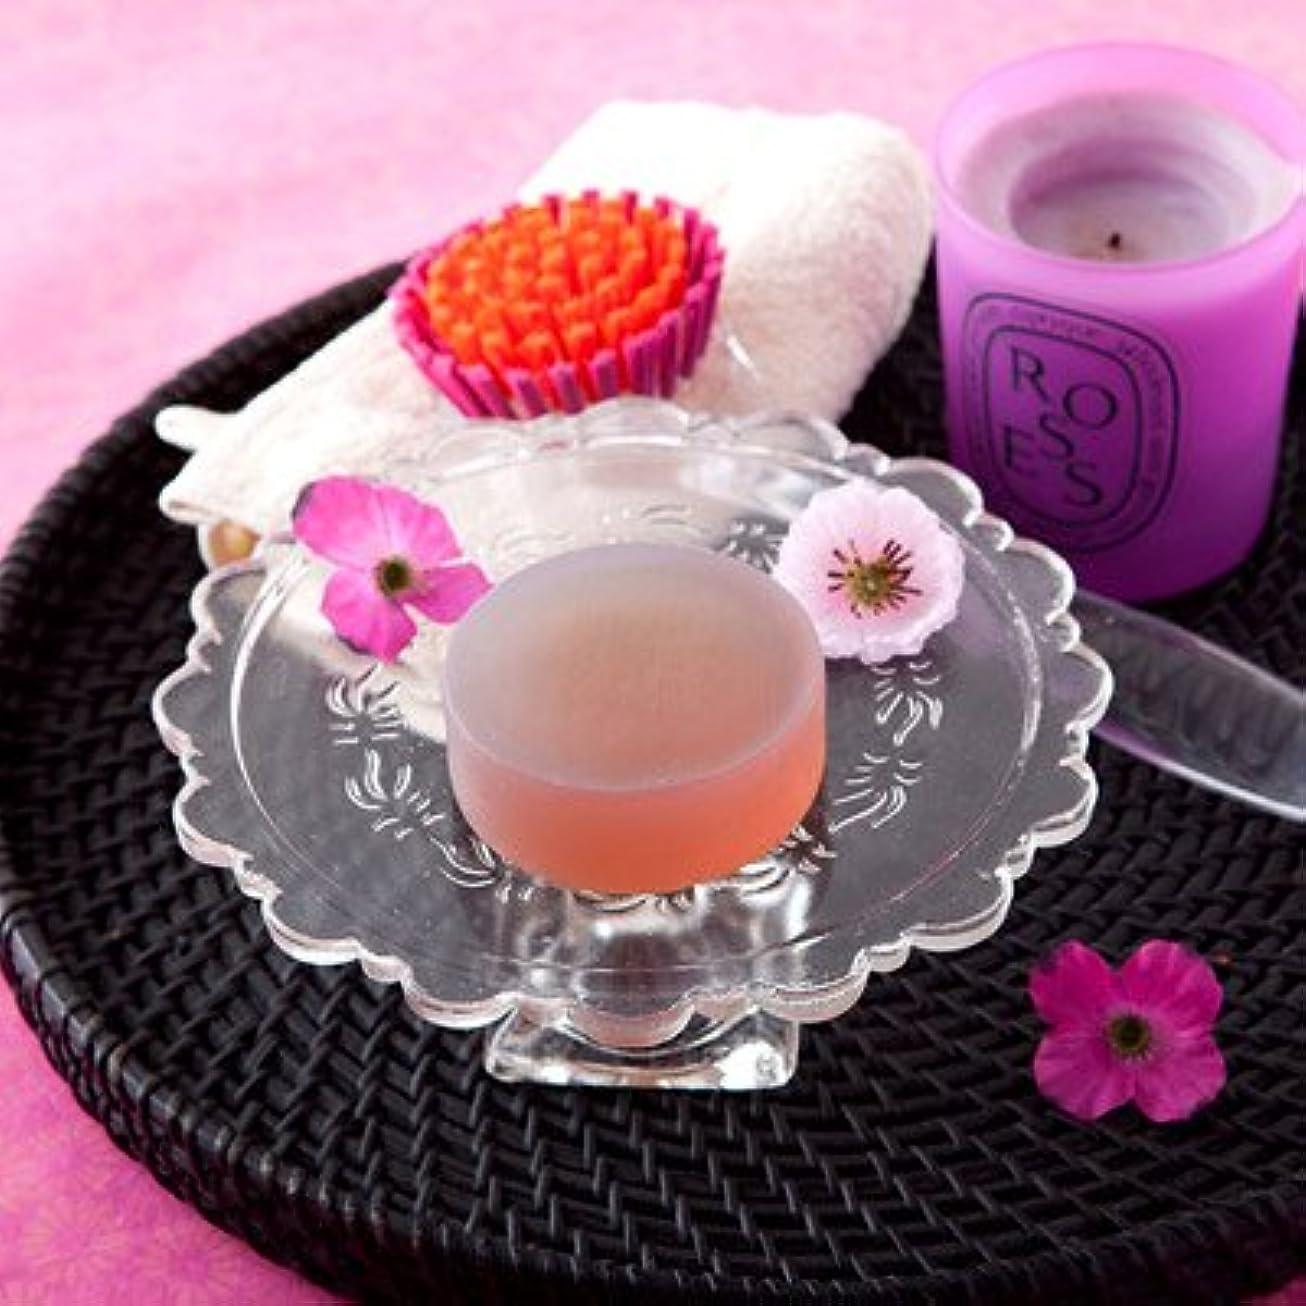 メタリック咲くに沿ってお肌の弱い方も安心なクリアソープセット ペアローザ エステソープ 紫潤(2個セット)